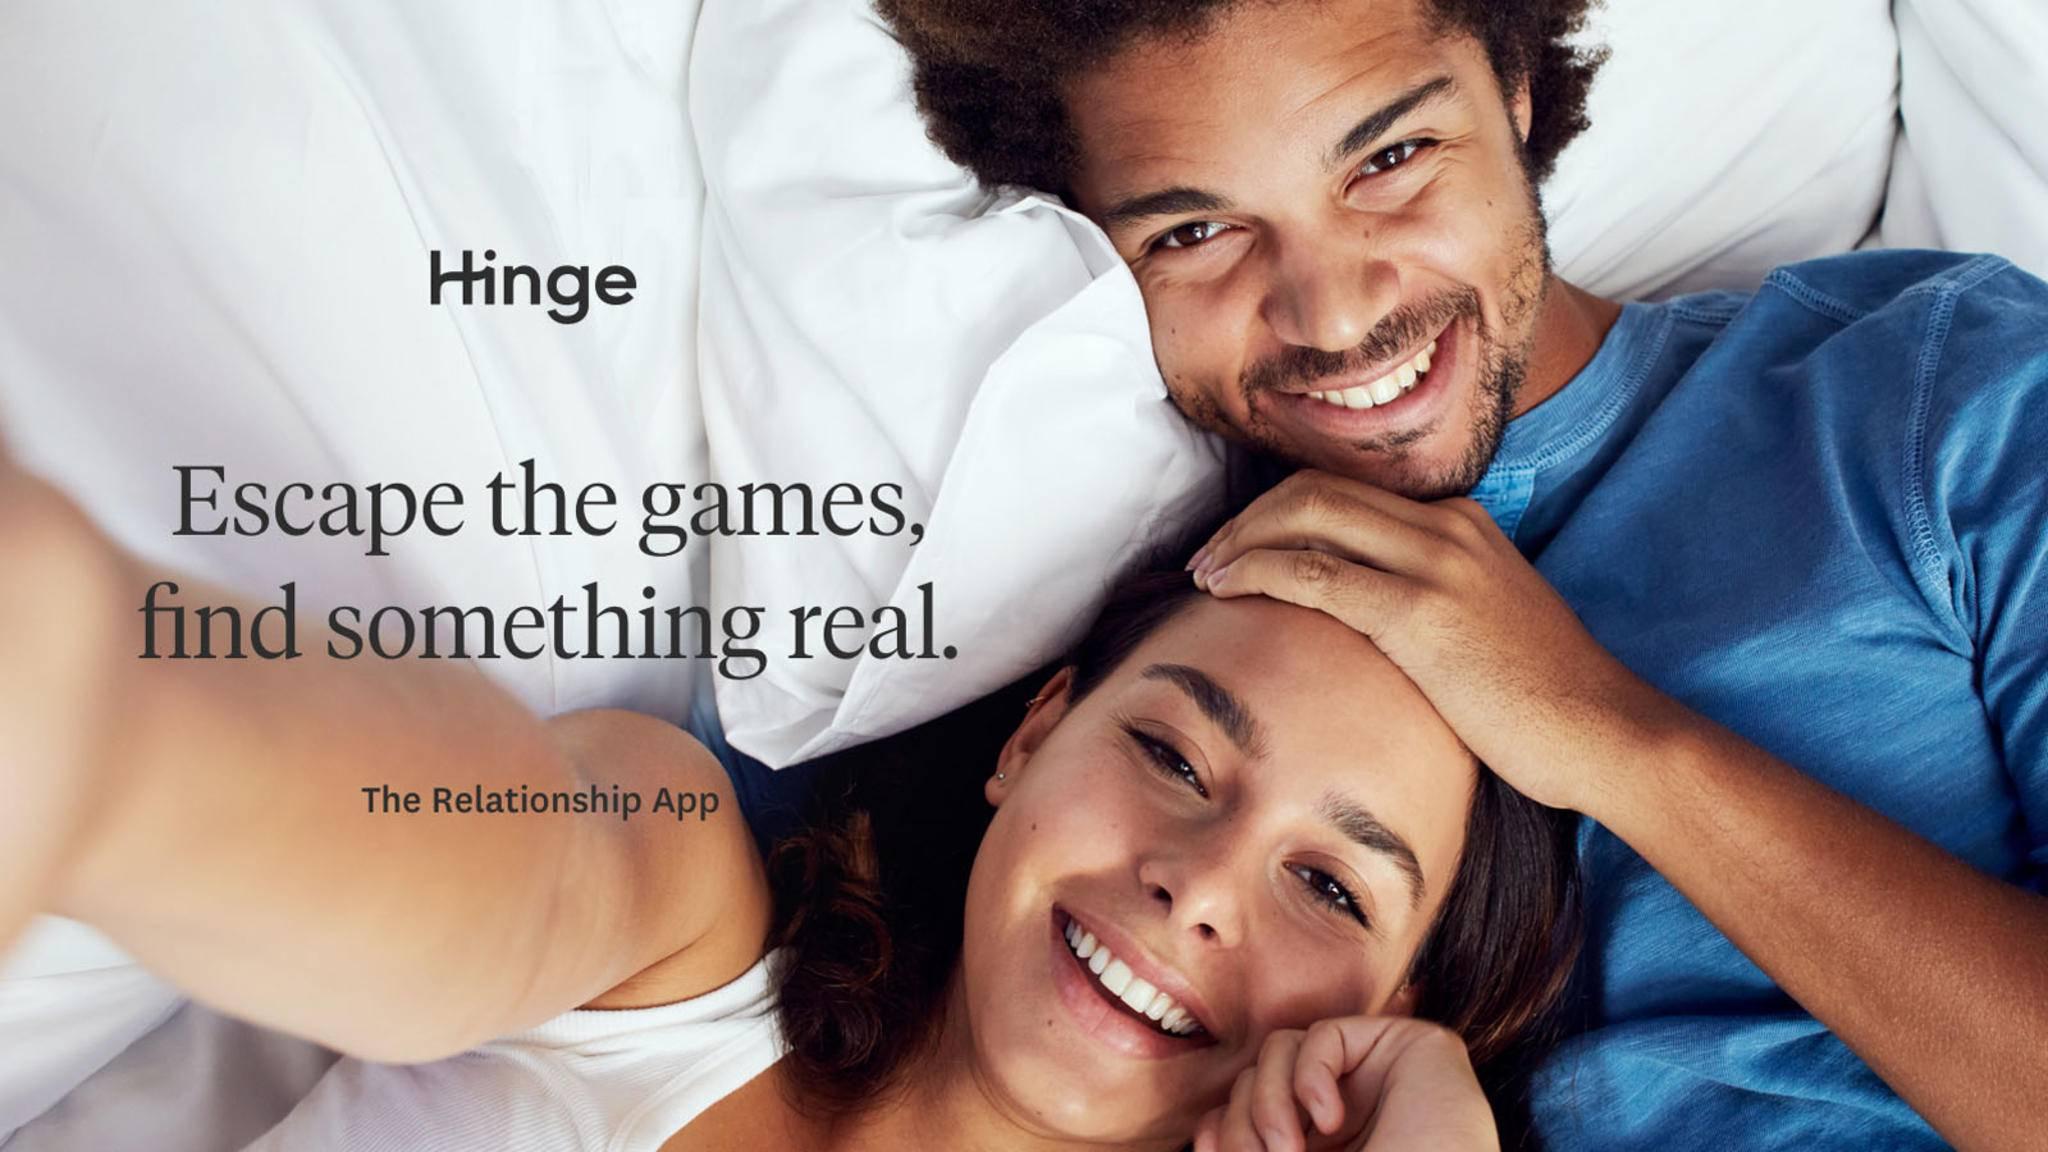 Die Dating-App Hinge will künftig den Erfolg seiner vermittelten Dates messen.